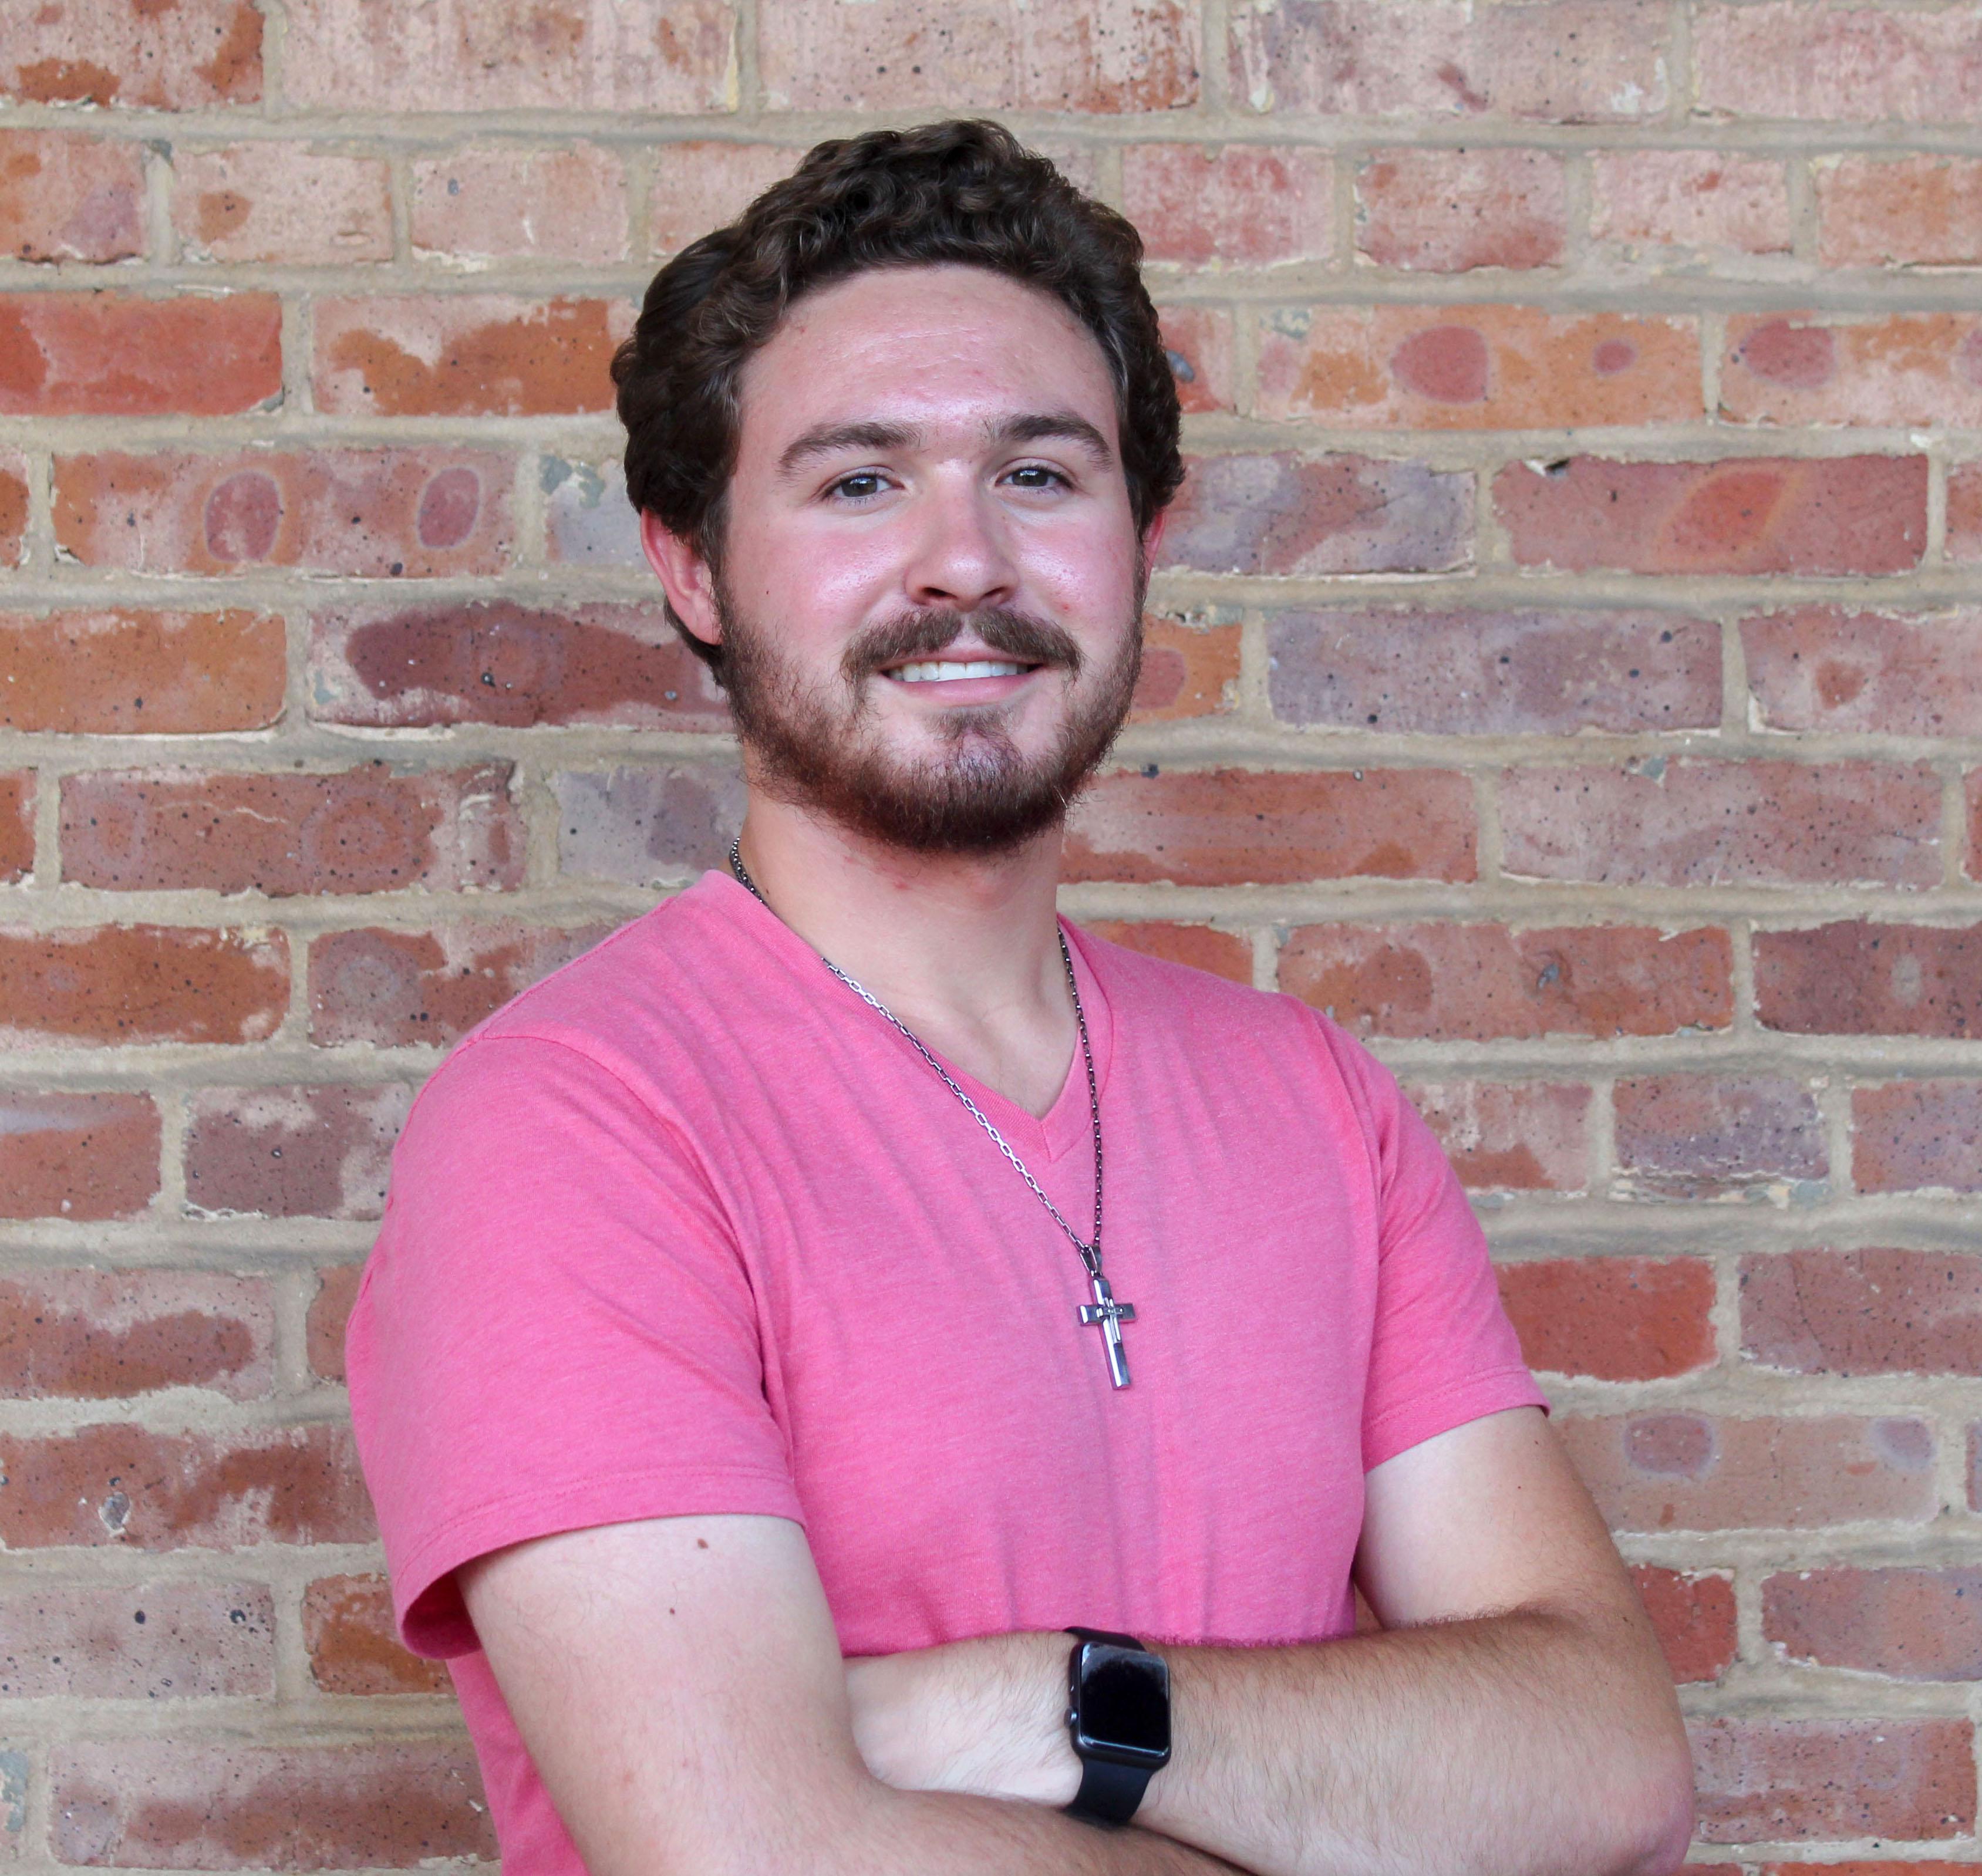 Zach Brown